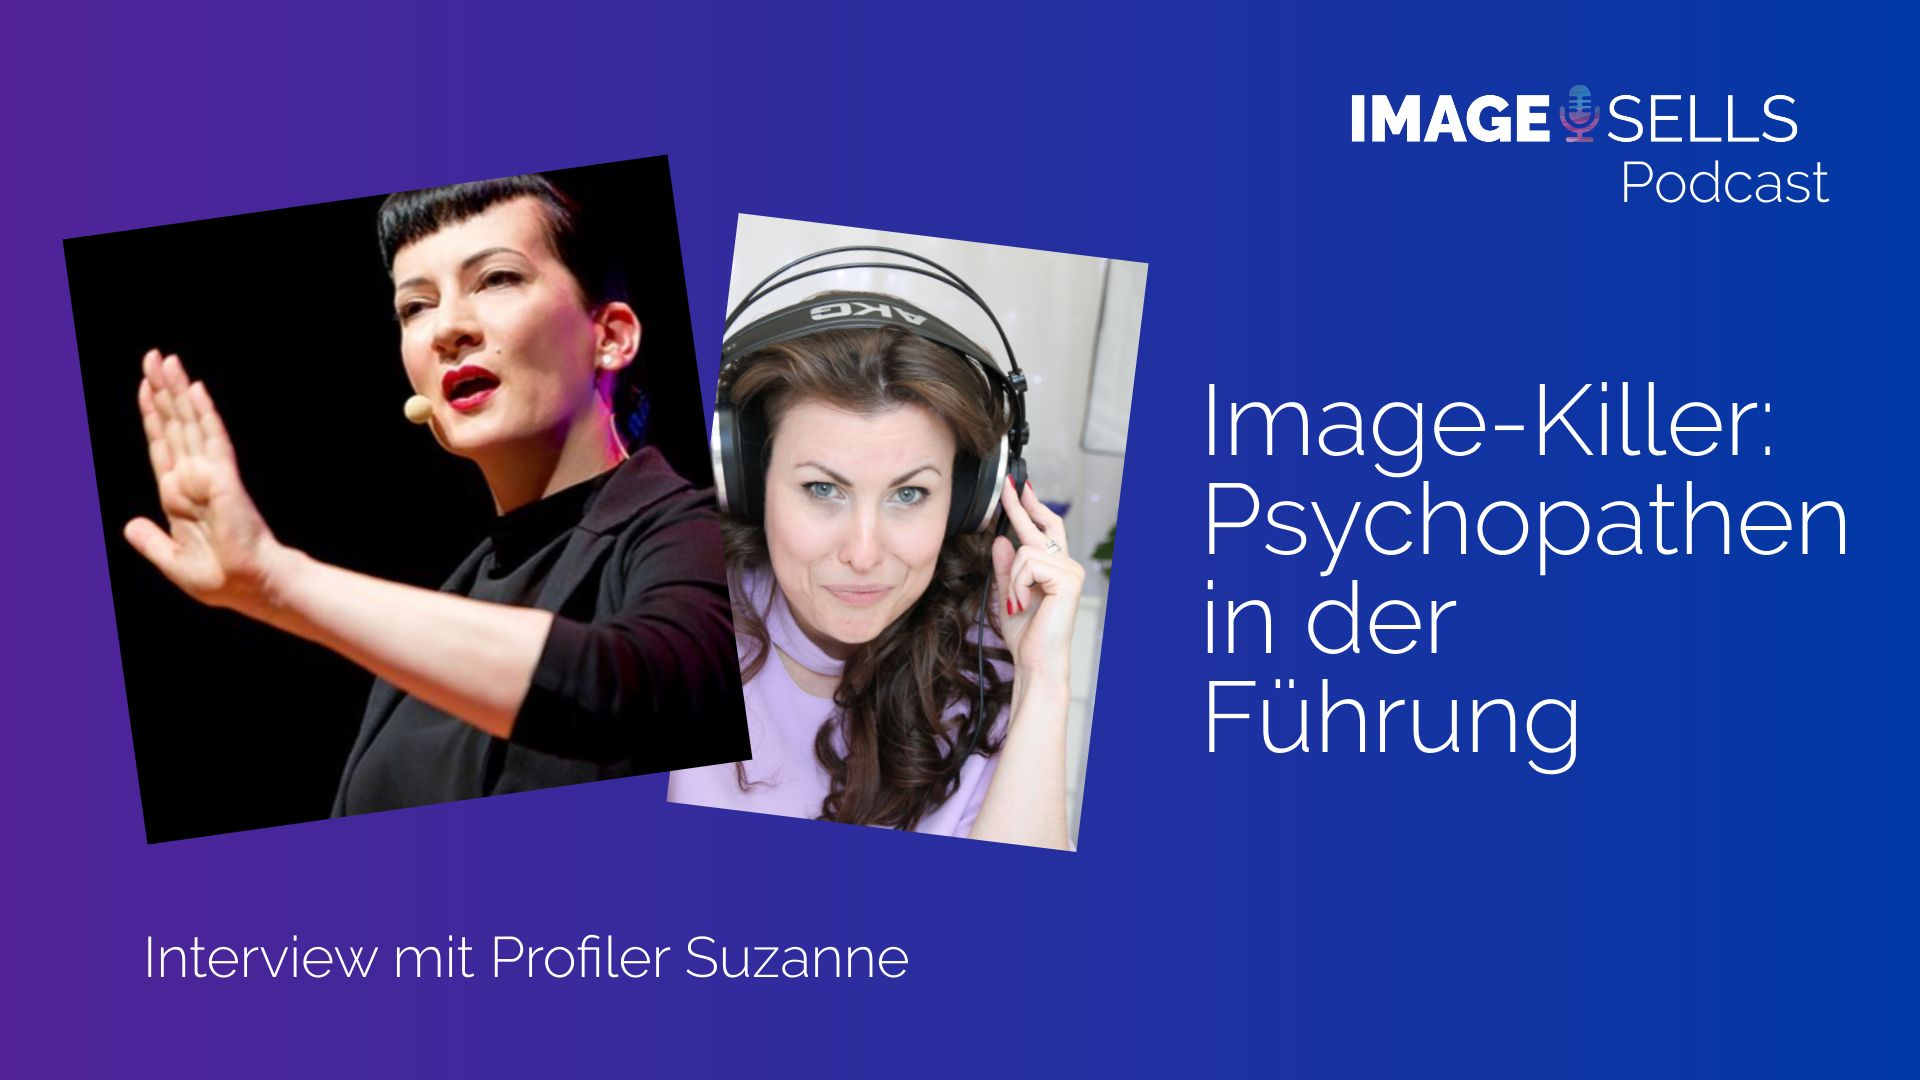 Image-Killer Psychopathen in der Führung mit Profiler Suzanne Grieger-Langer – ISP #038